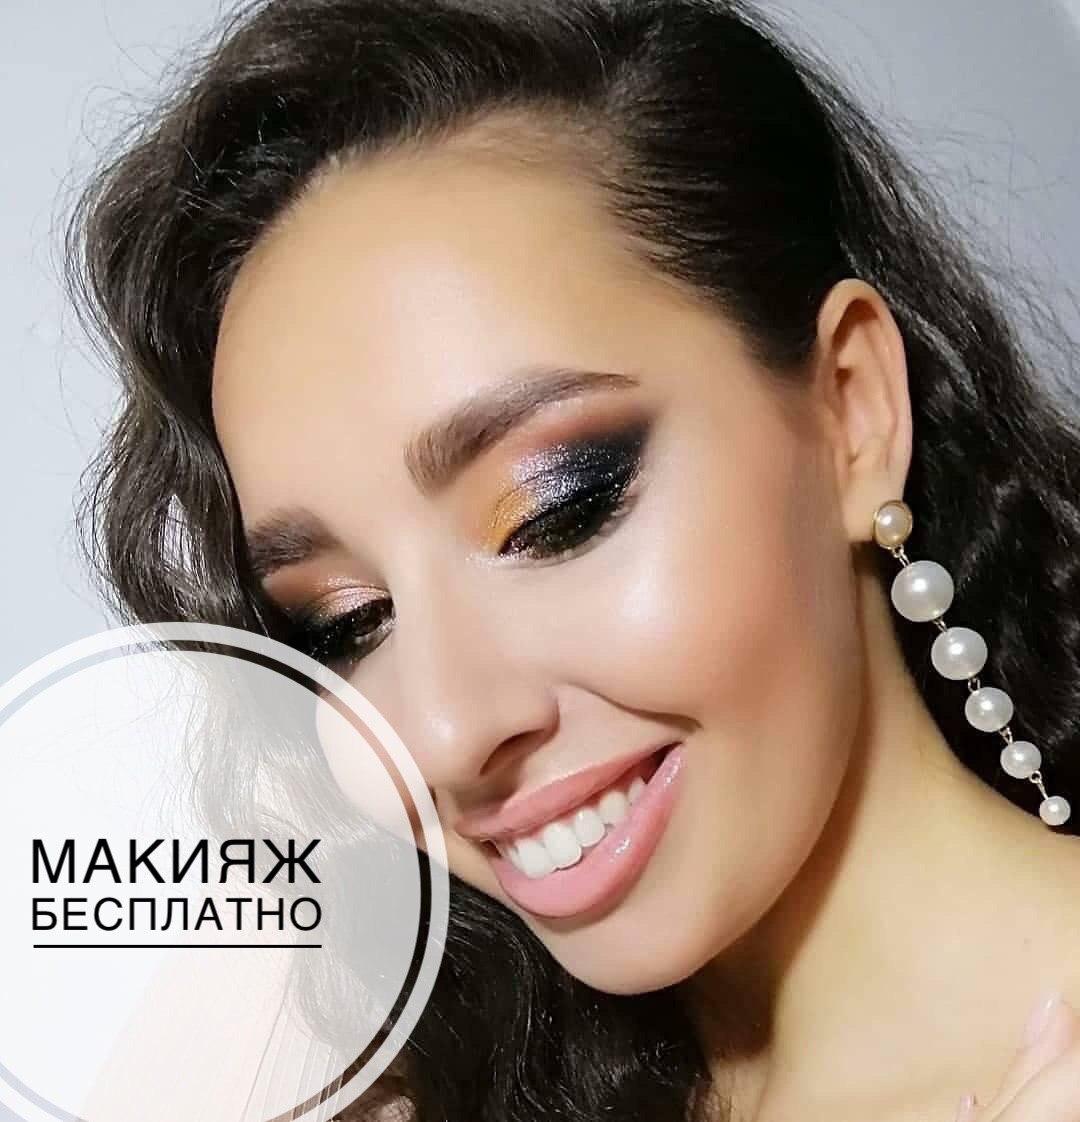 Ищу девушка модель для макияжа девушка модель последовательности работы в группе